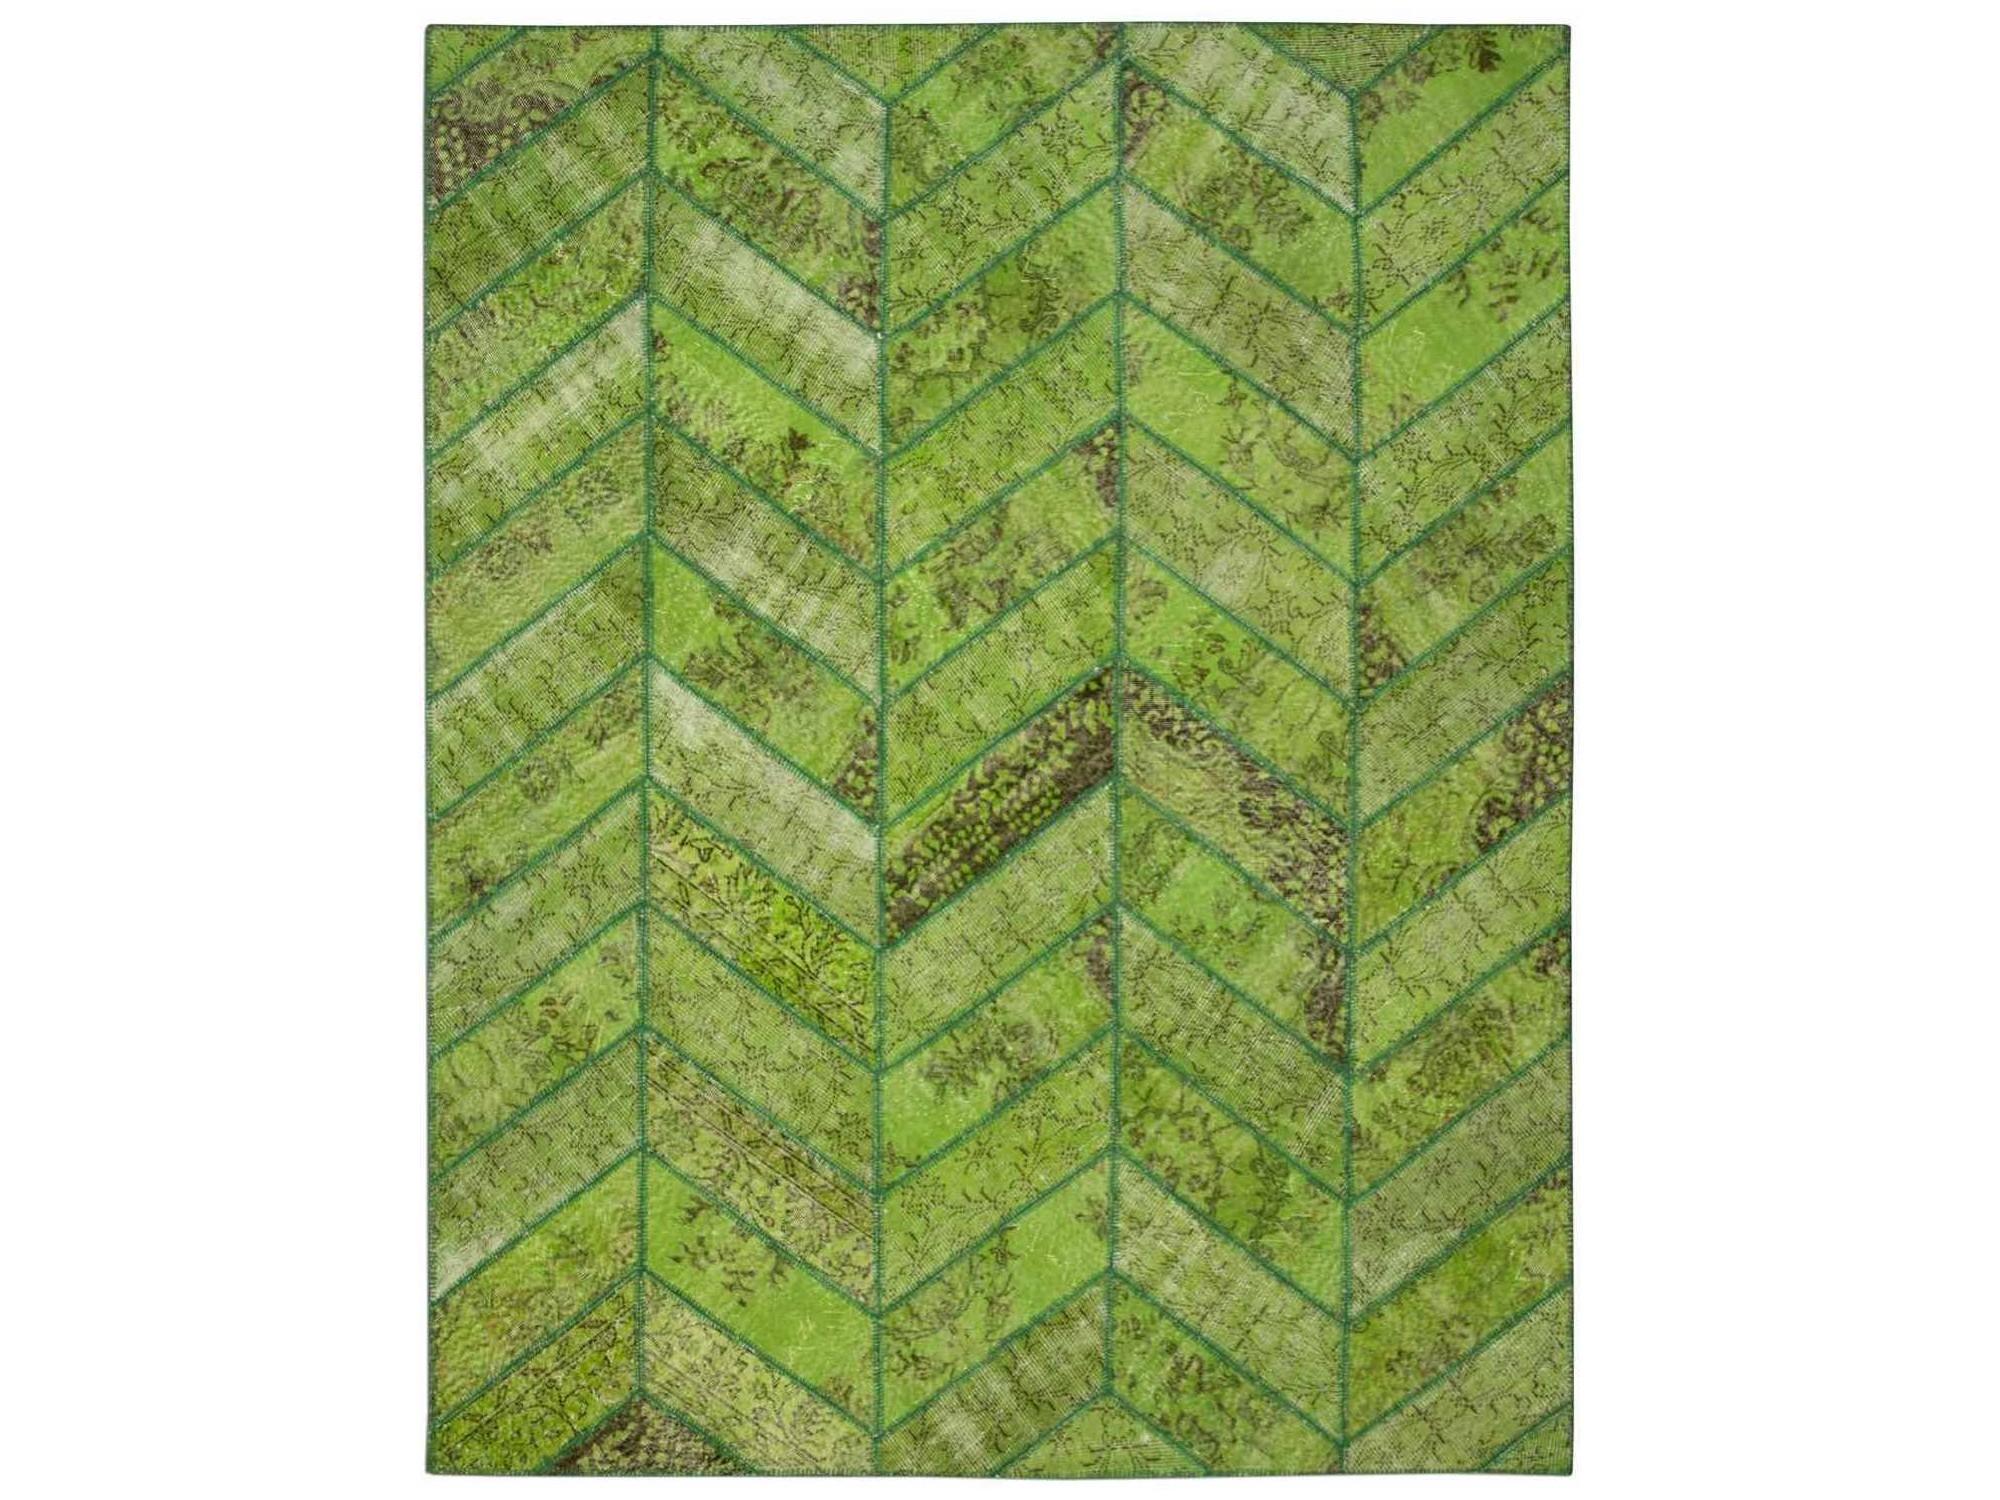 Ковер PatchworkПрямоугольные ковры<br>Винтажный ковер ручной работы в стиле &amp;quot;пэчворк&amp;quot; <br>из 100% шерсти. Ковер прекрасно подходит в <br>любые современные и классические интерьеры, <br>а благодаря толщине ковра всего 5 мм. и отсутствию <br>ворса, его легко чистить любыми видами пылесосов. <br>Этот настоящий ковер ручной работы не потеряет <br>своих красок и будет служить десятилетия.<br><br>Material: Шерсть<br>Width см: 244<br>Depth см: 310